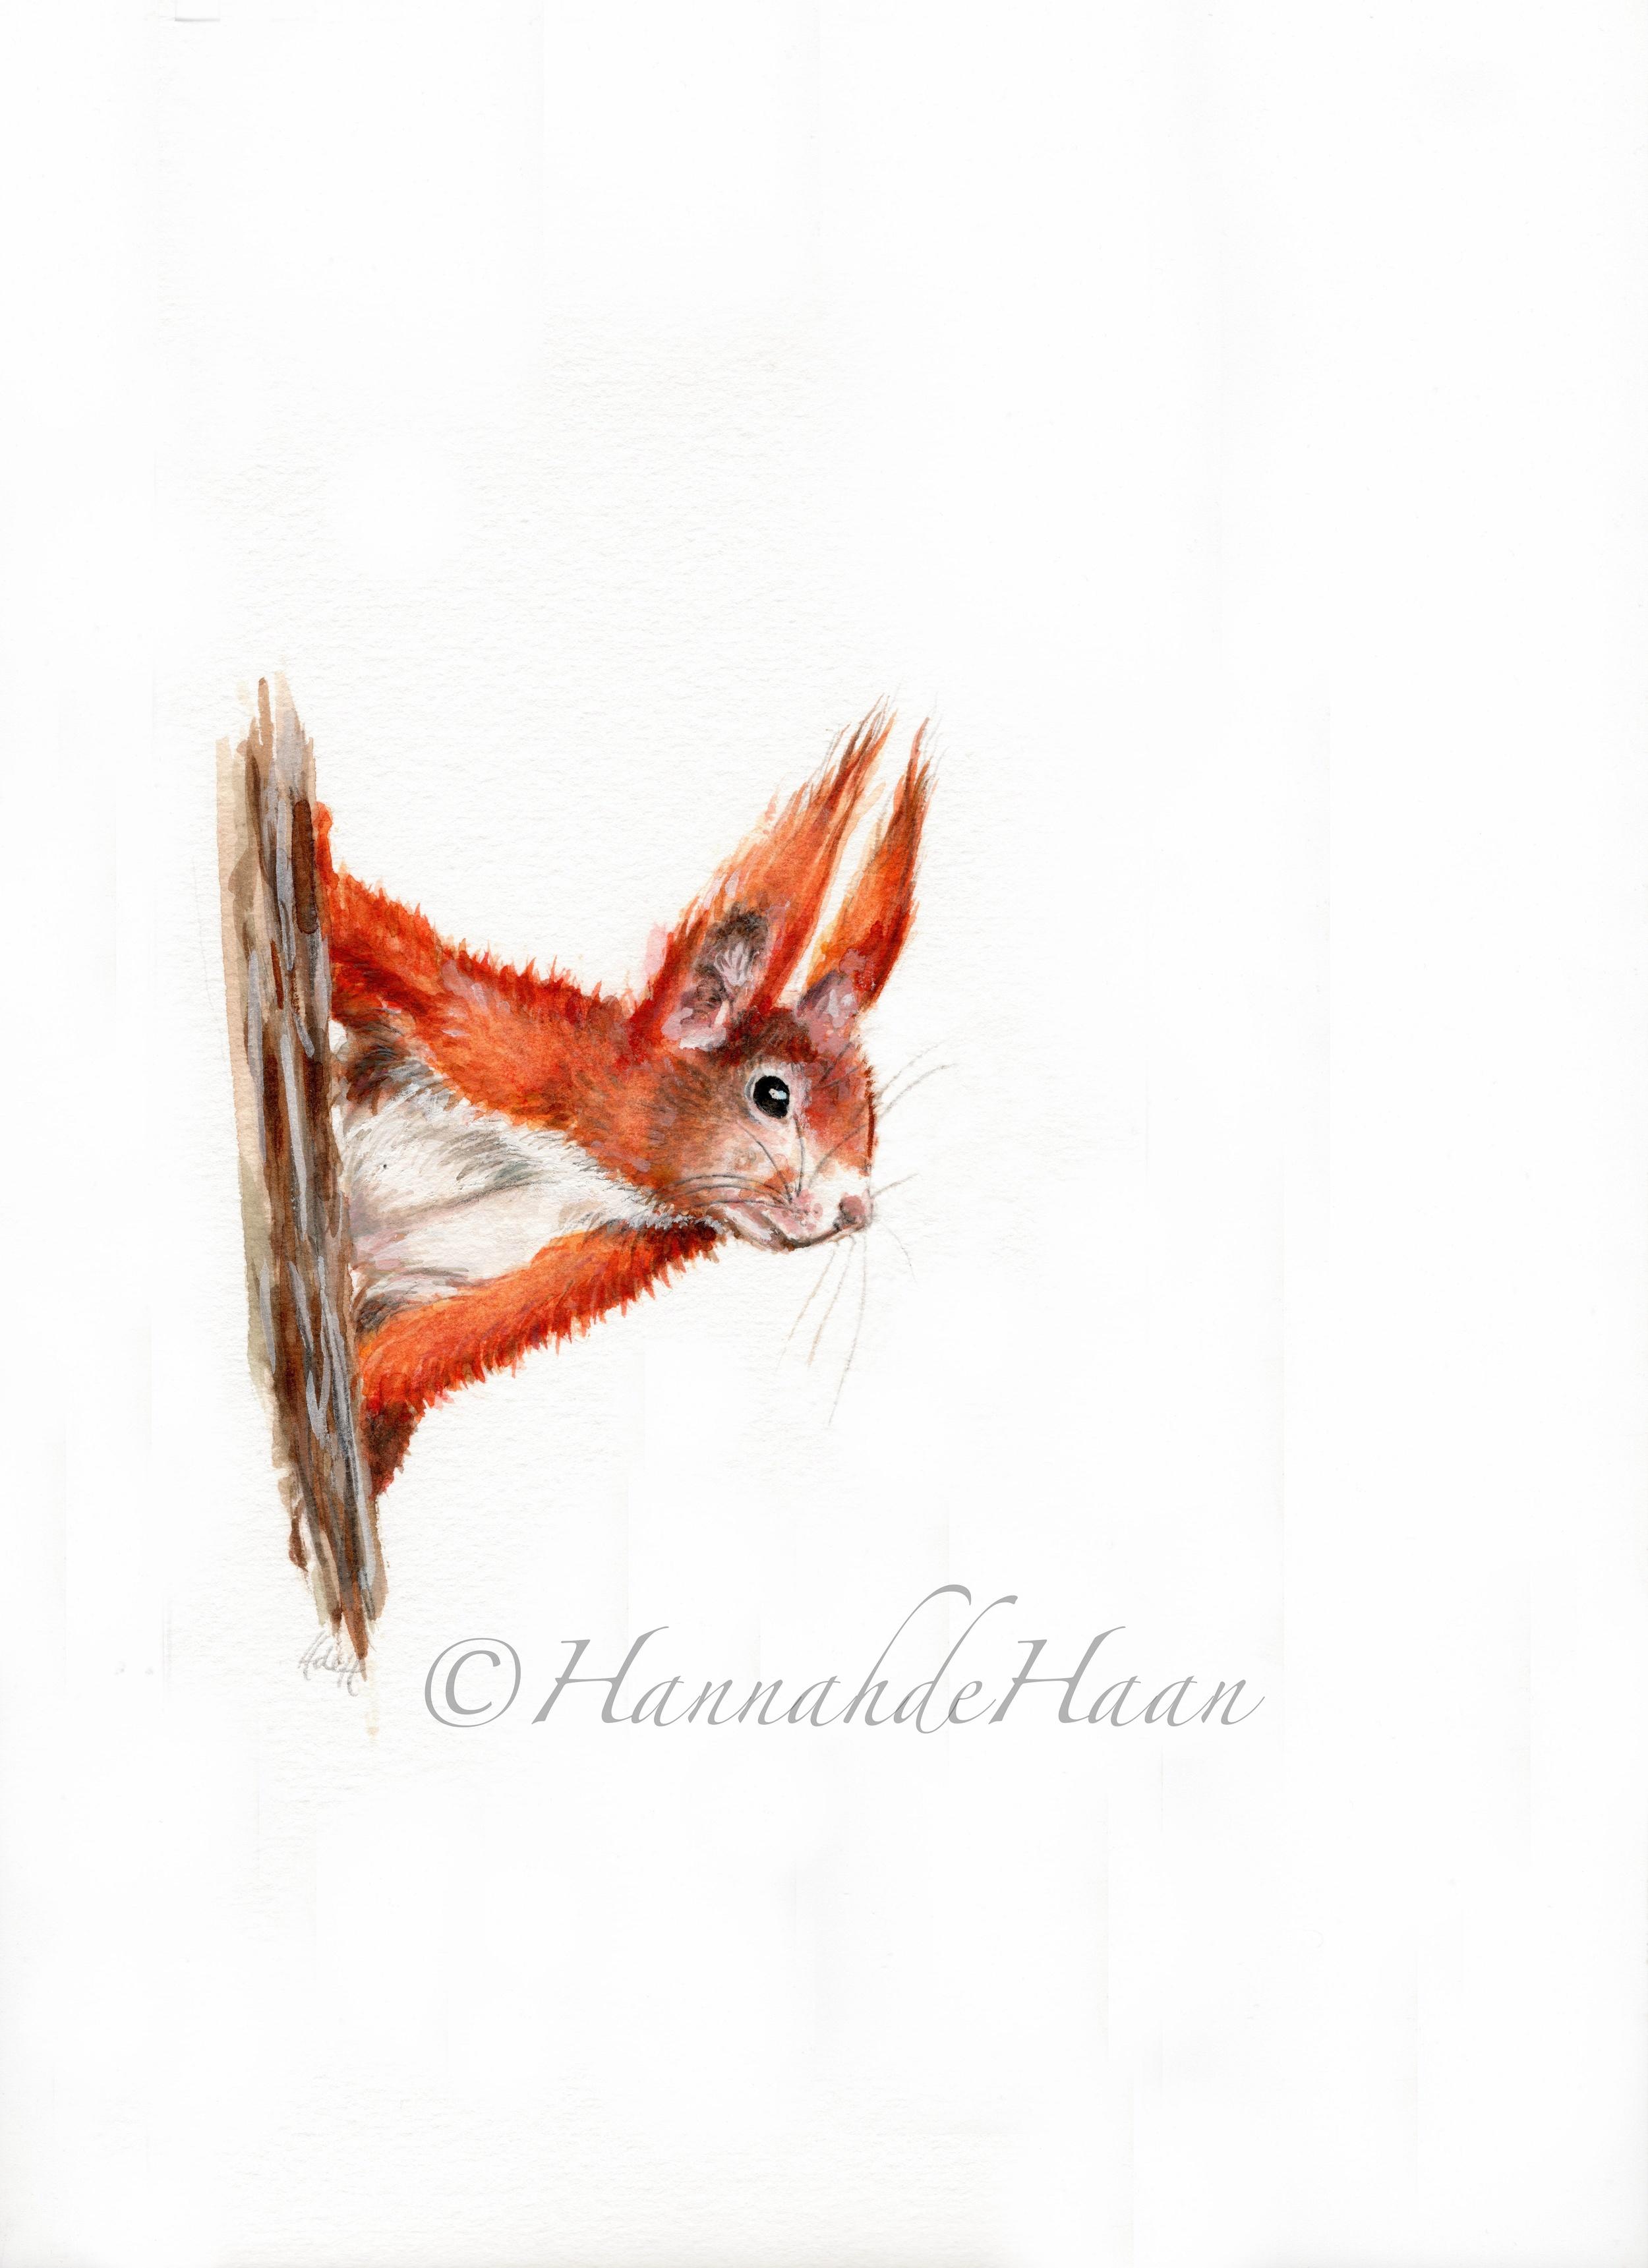 Squirrel Edited.jpg